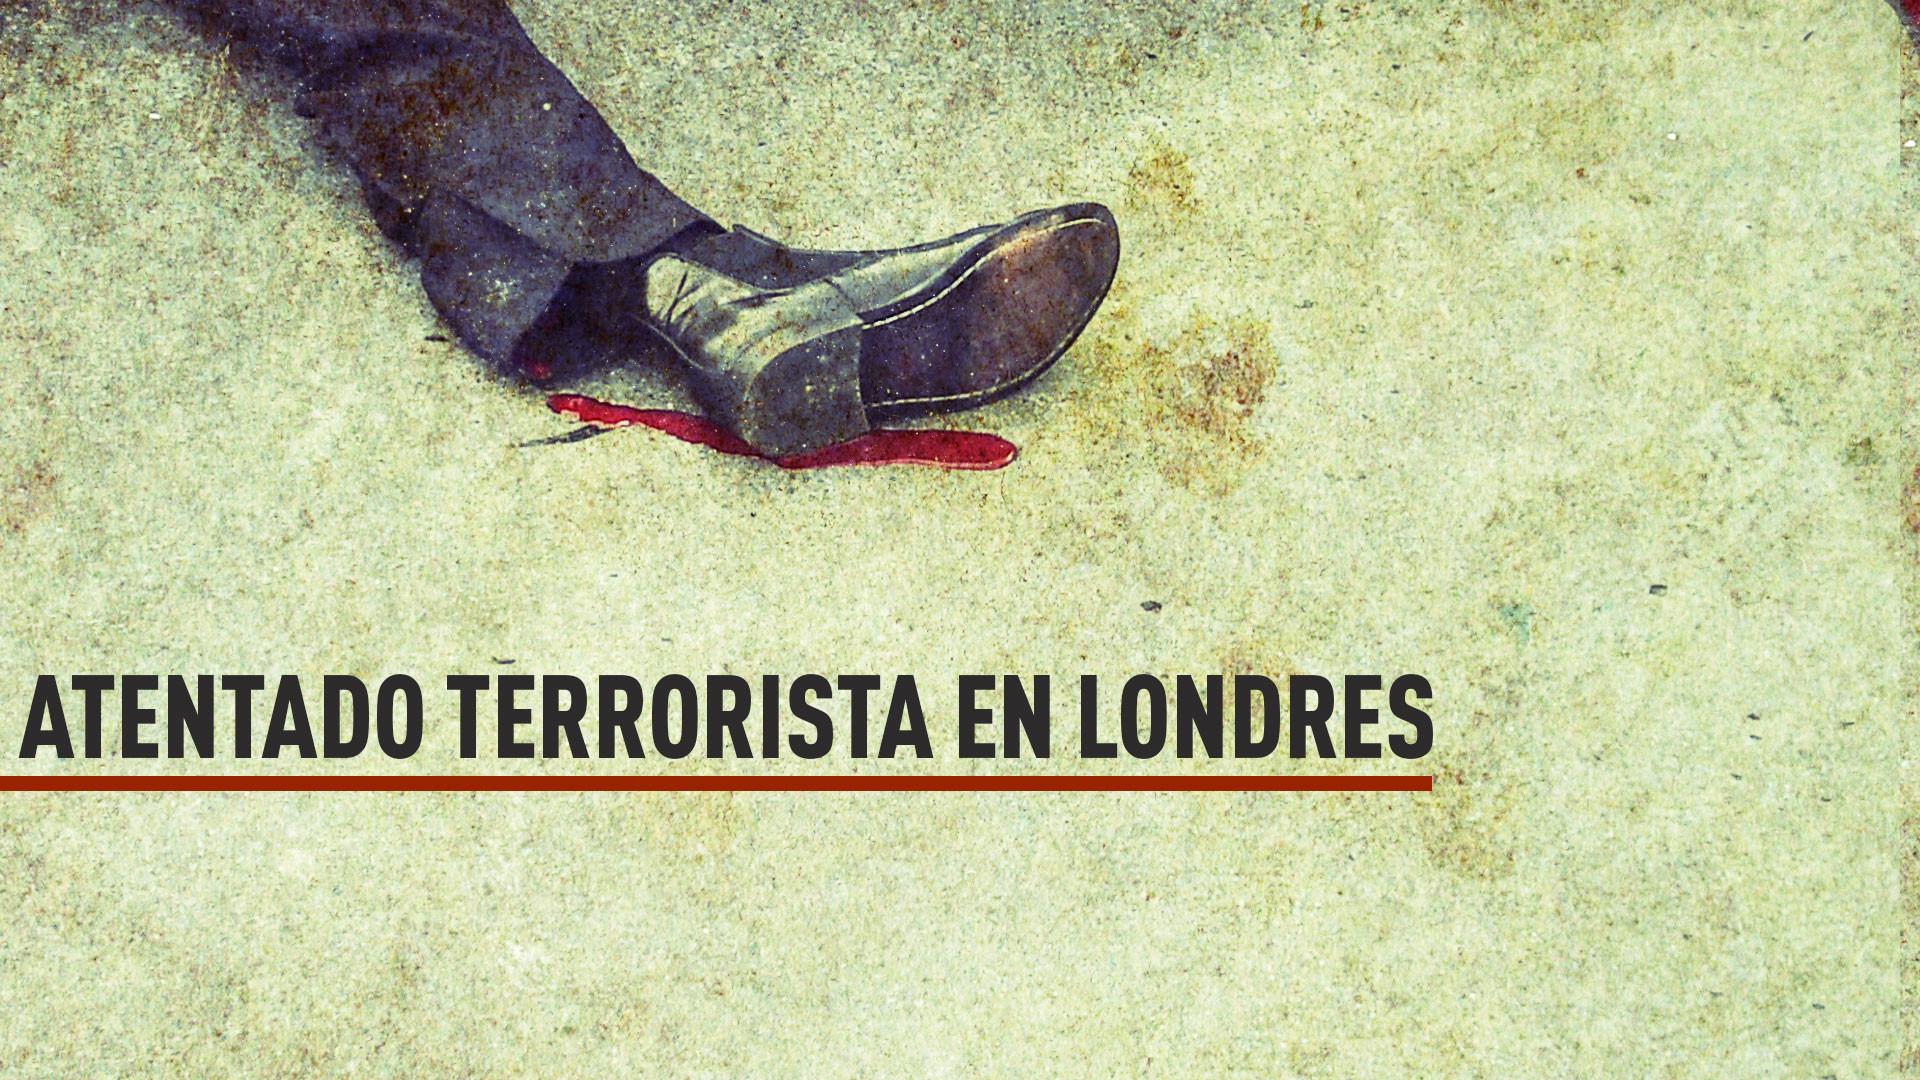 Pánico y caos: ¿Qué sucedió en Londres? (PUNTOS CLAVE)